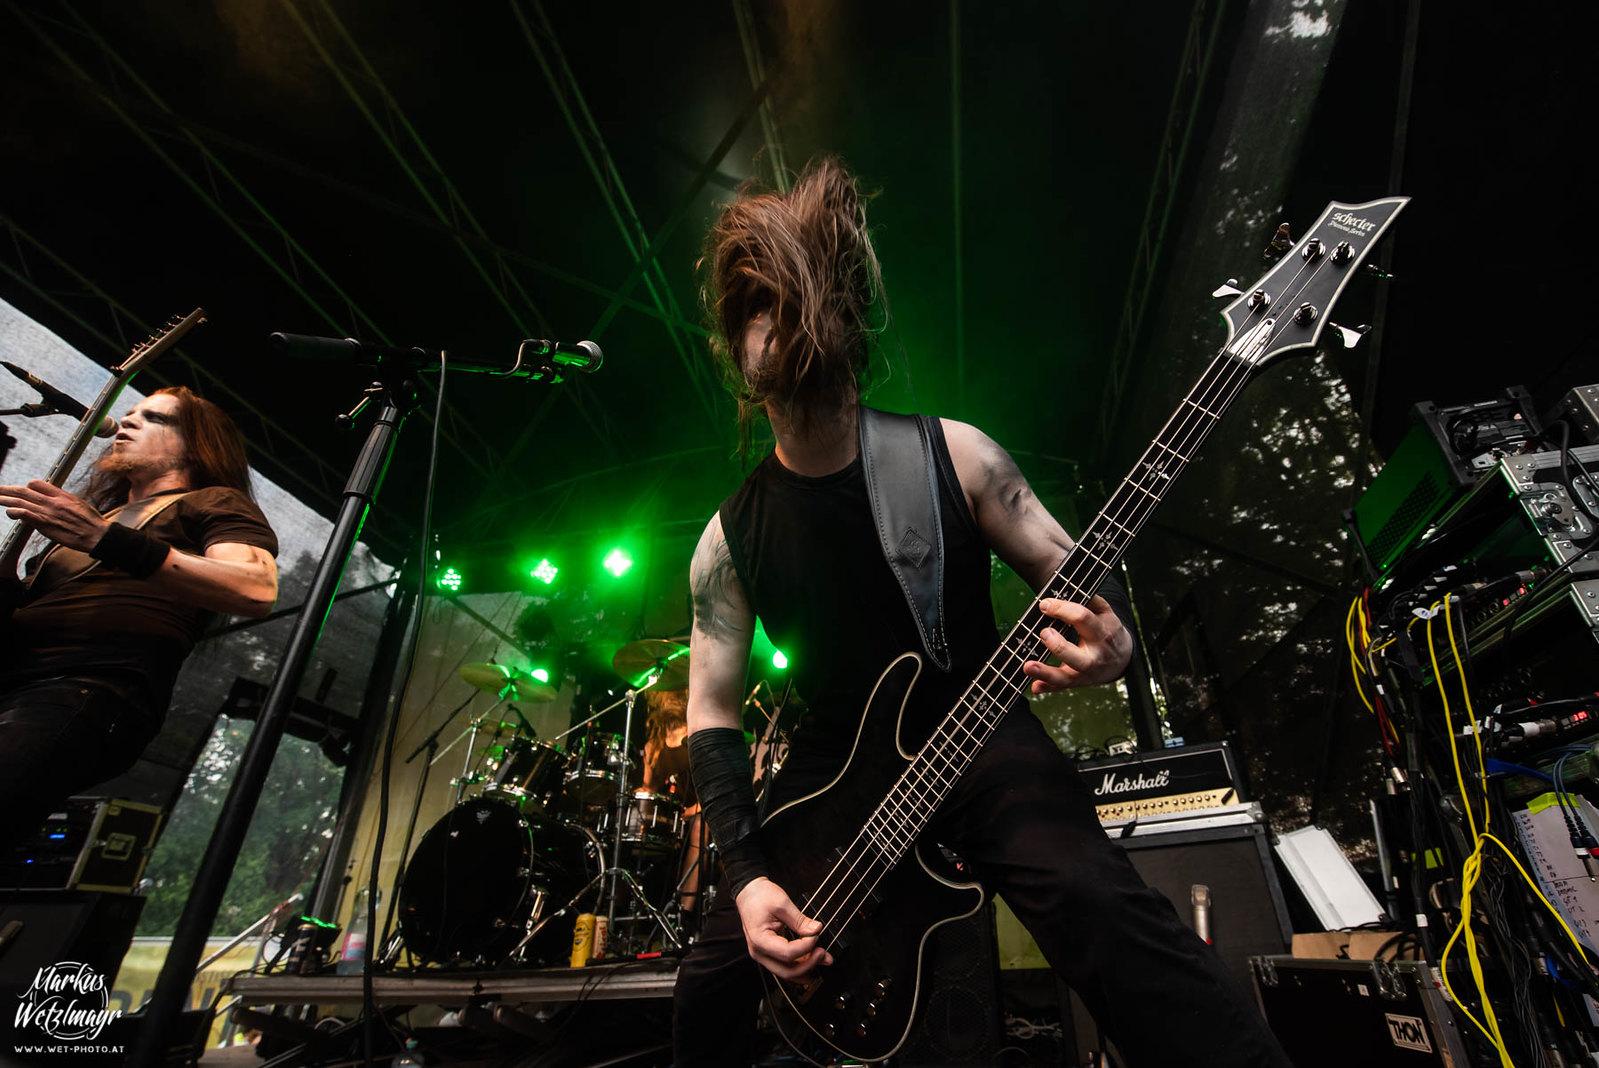 IRDORATH - Metalheads Against Racism Vol. 8, Donauinselfest Vienna